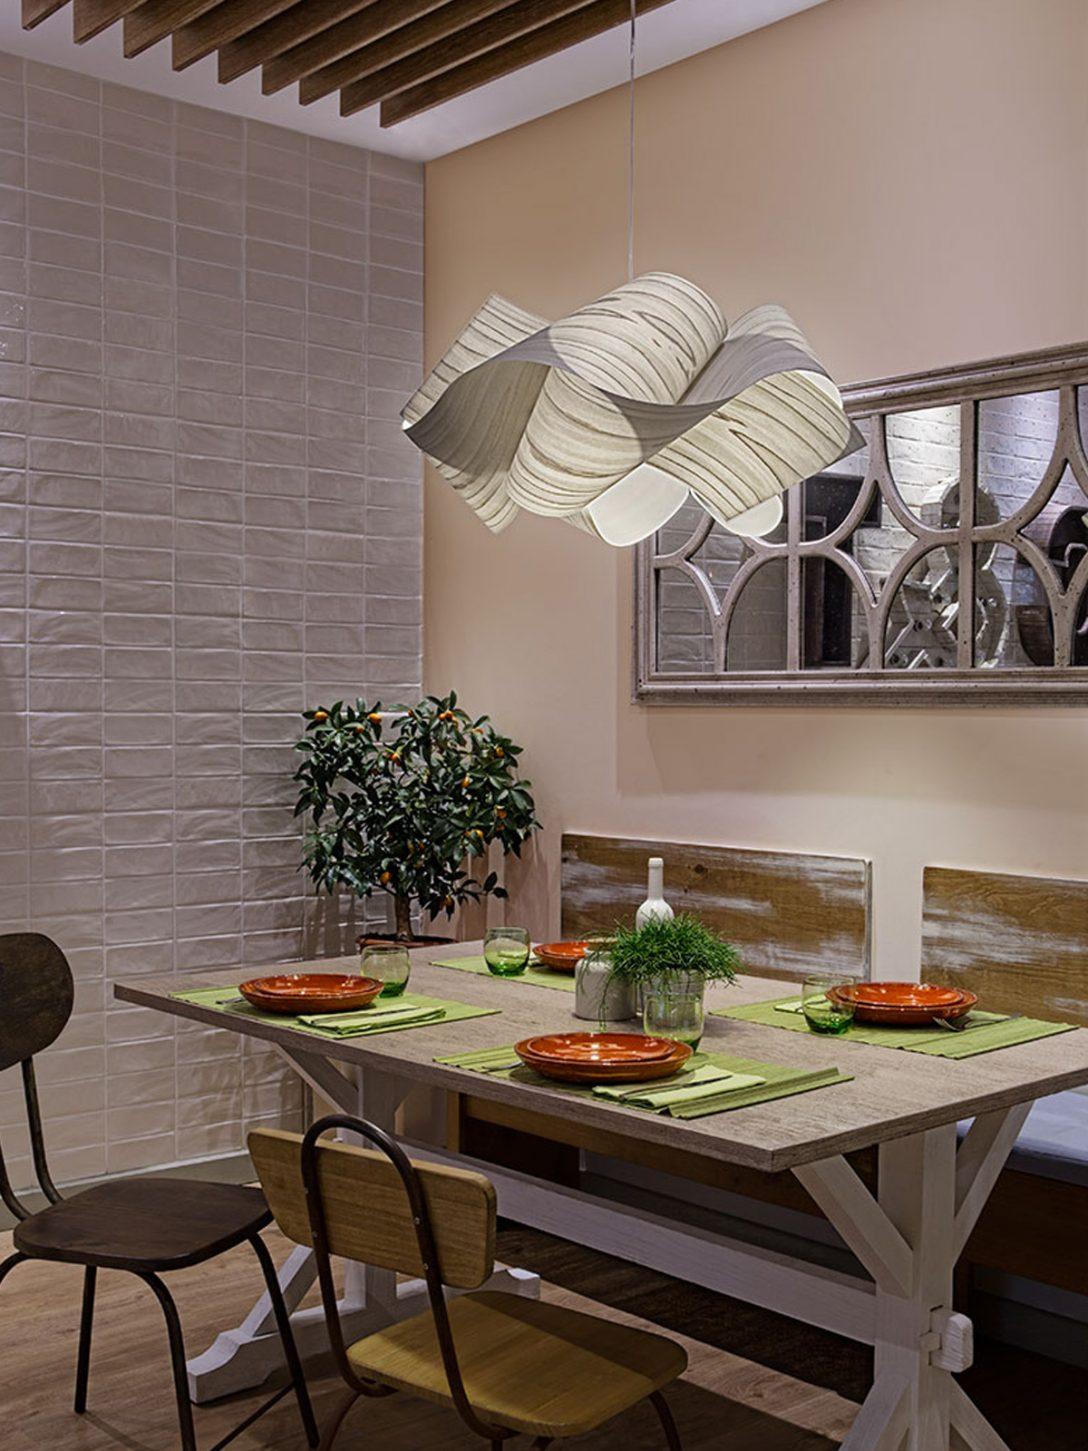 Large Size of Küchenlampen Swirl Sp Designortcom Wohnzimmer Küchenlampen